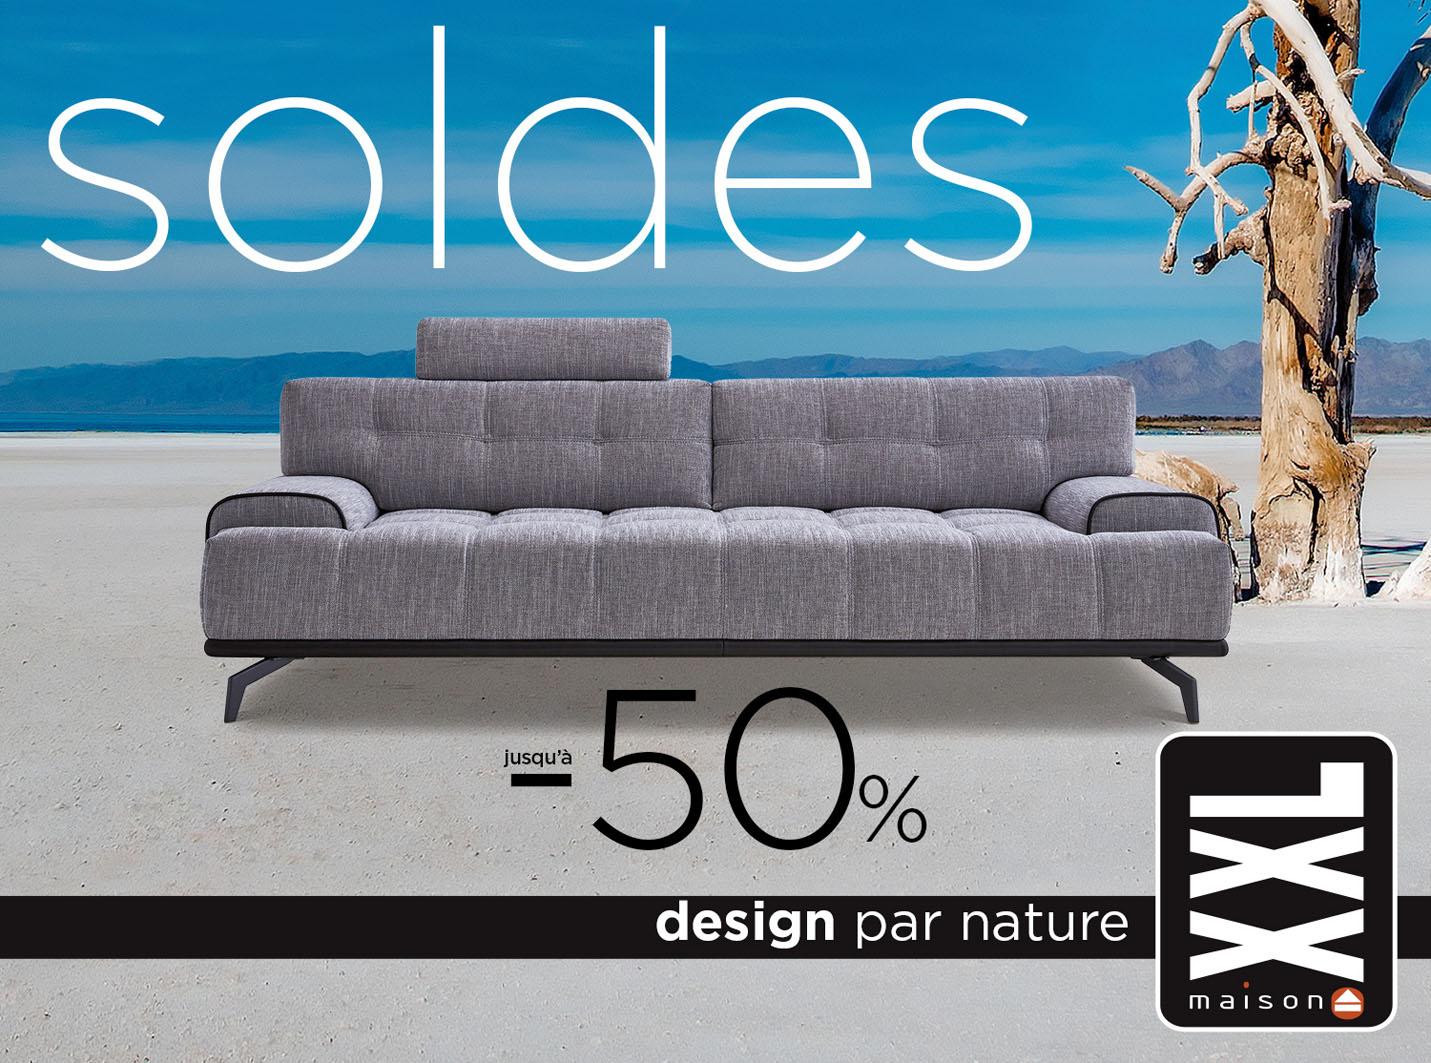 xxl decoration villeneuve loubet. Black Bedroom Furniture Sets. Home Design Ideas